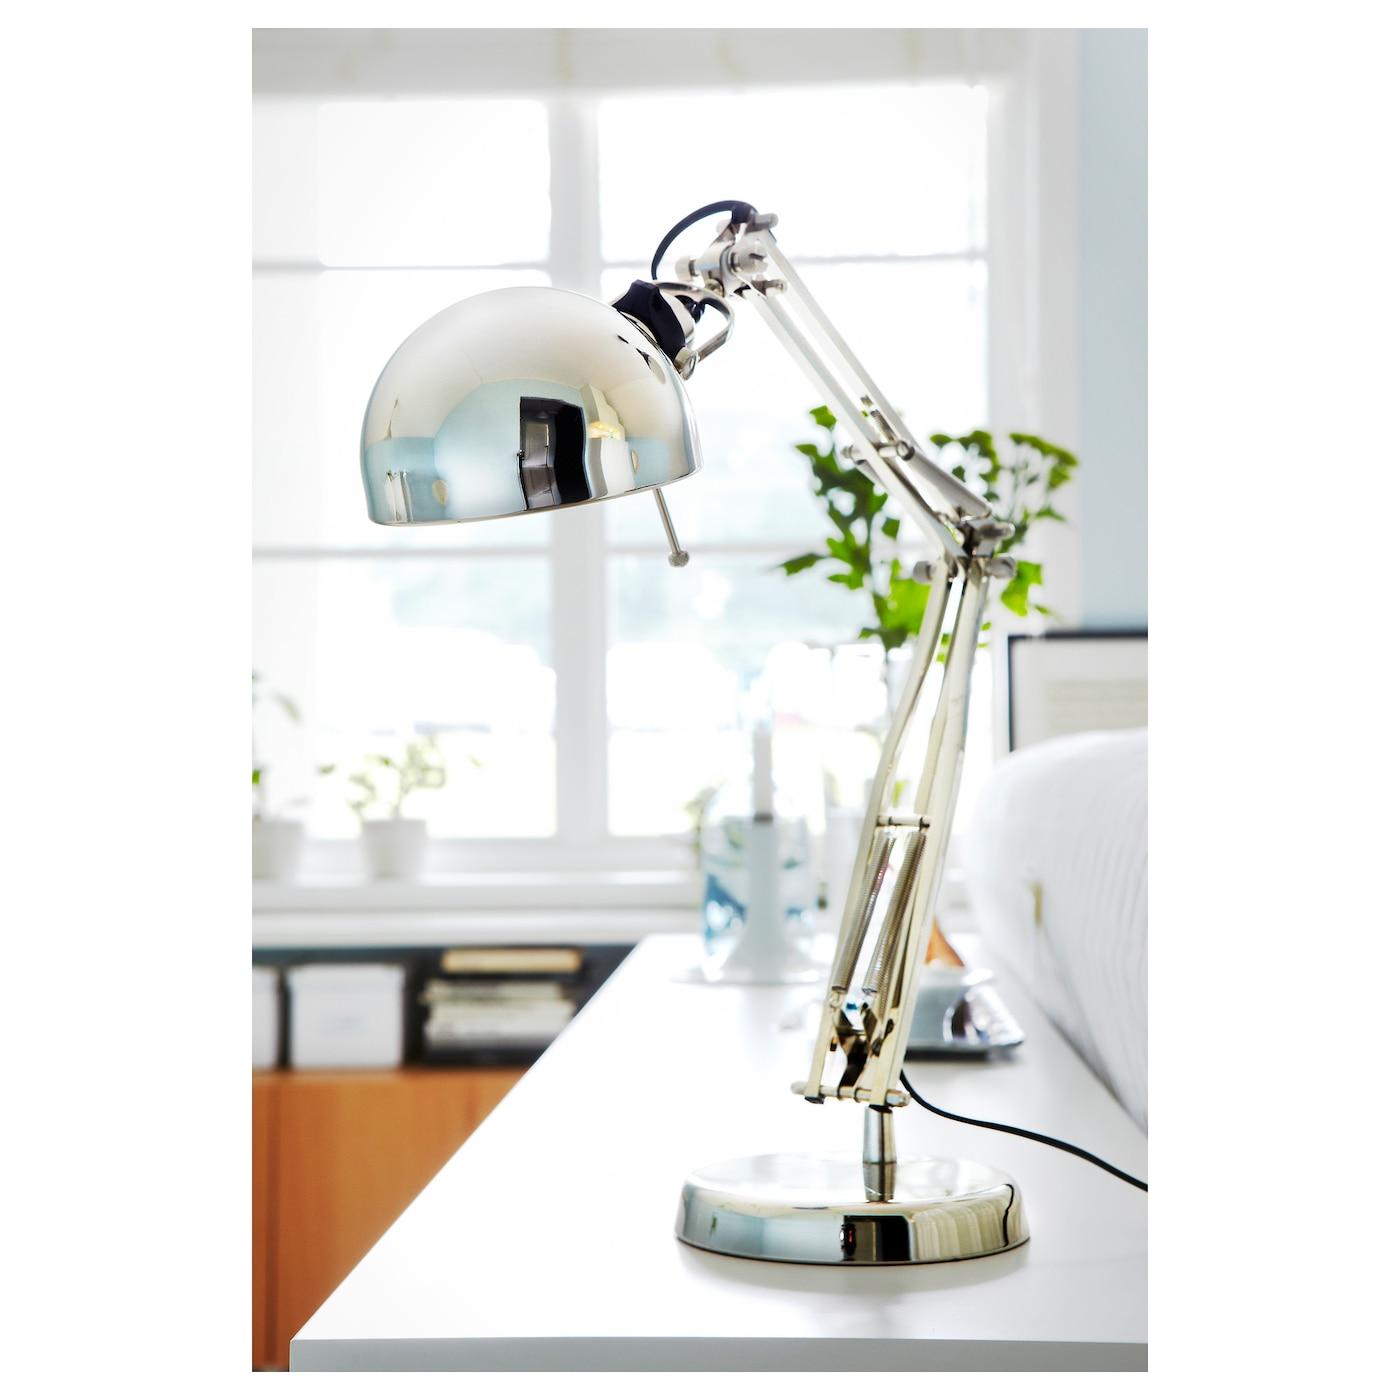 E12 LED bulb IKEA FORS/Å Work Lamp Nickel Plated